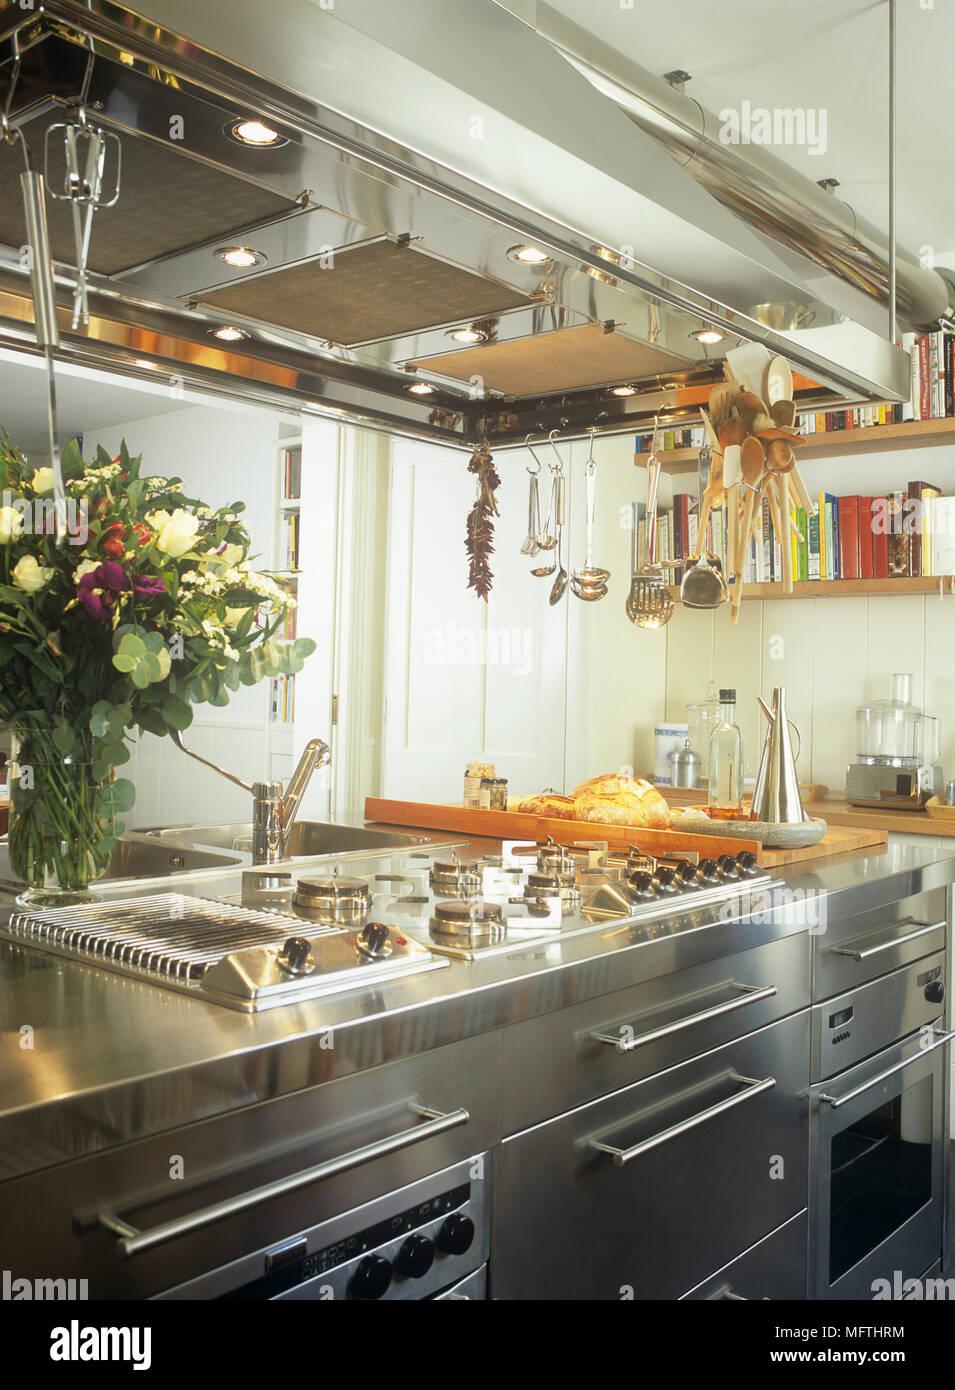 Nett Schwarz Küchenschränke Edelstahl Geräte Fotos - Ideen Für Die ...